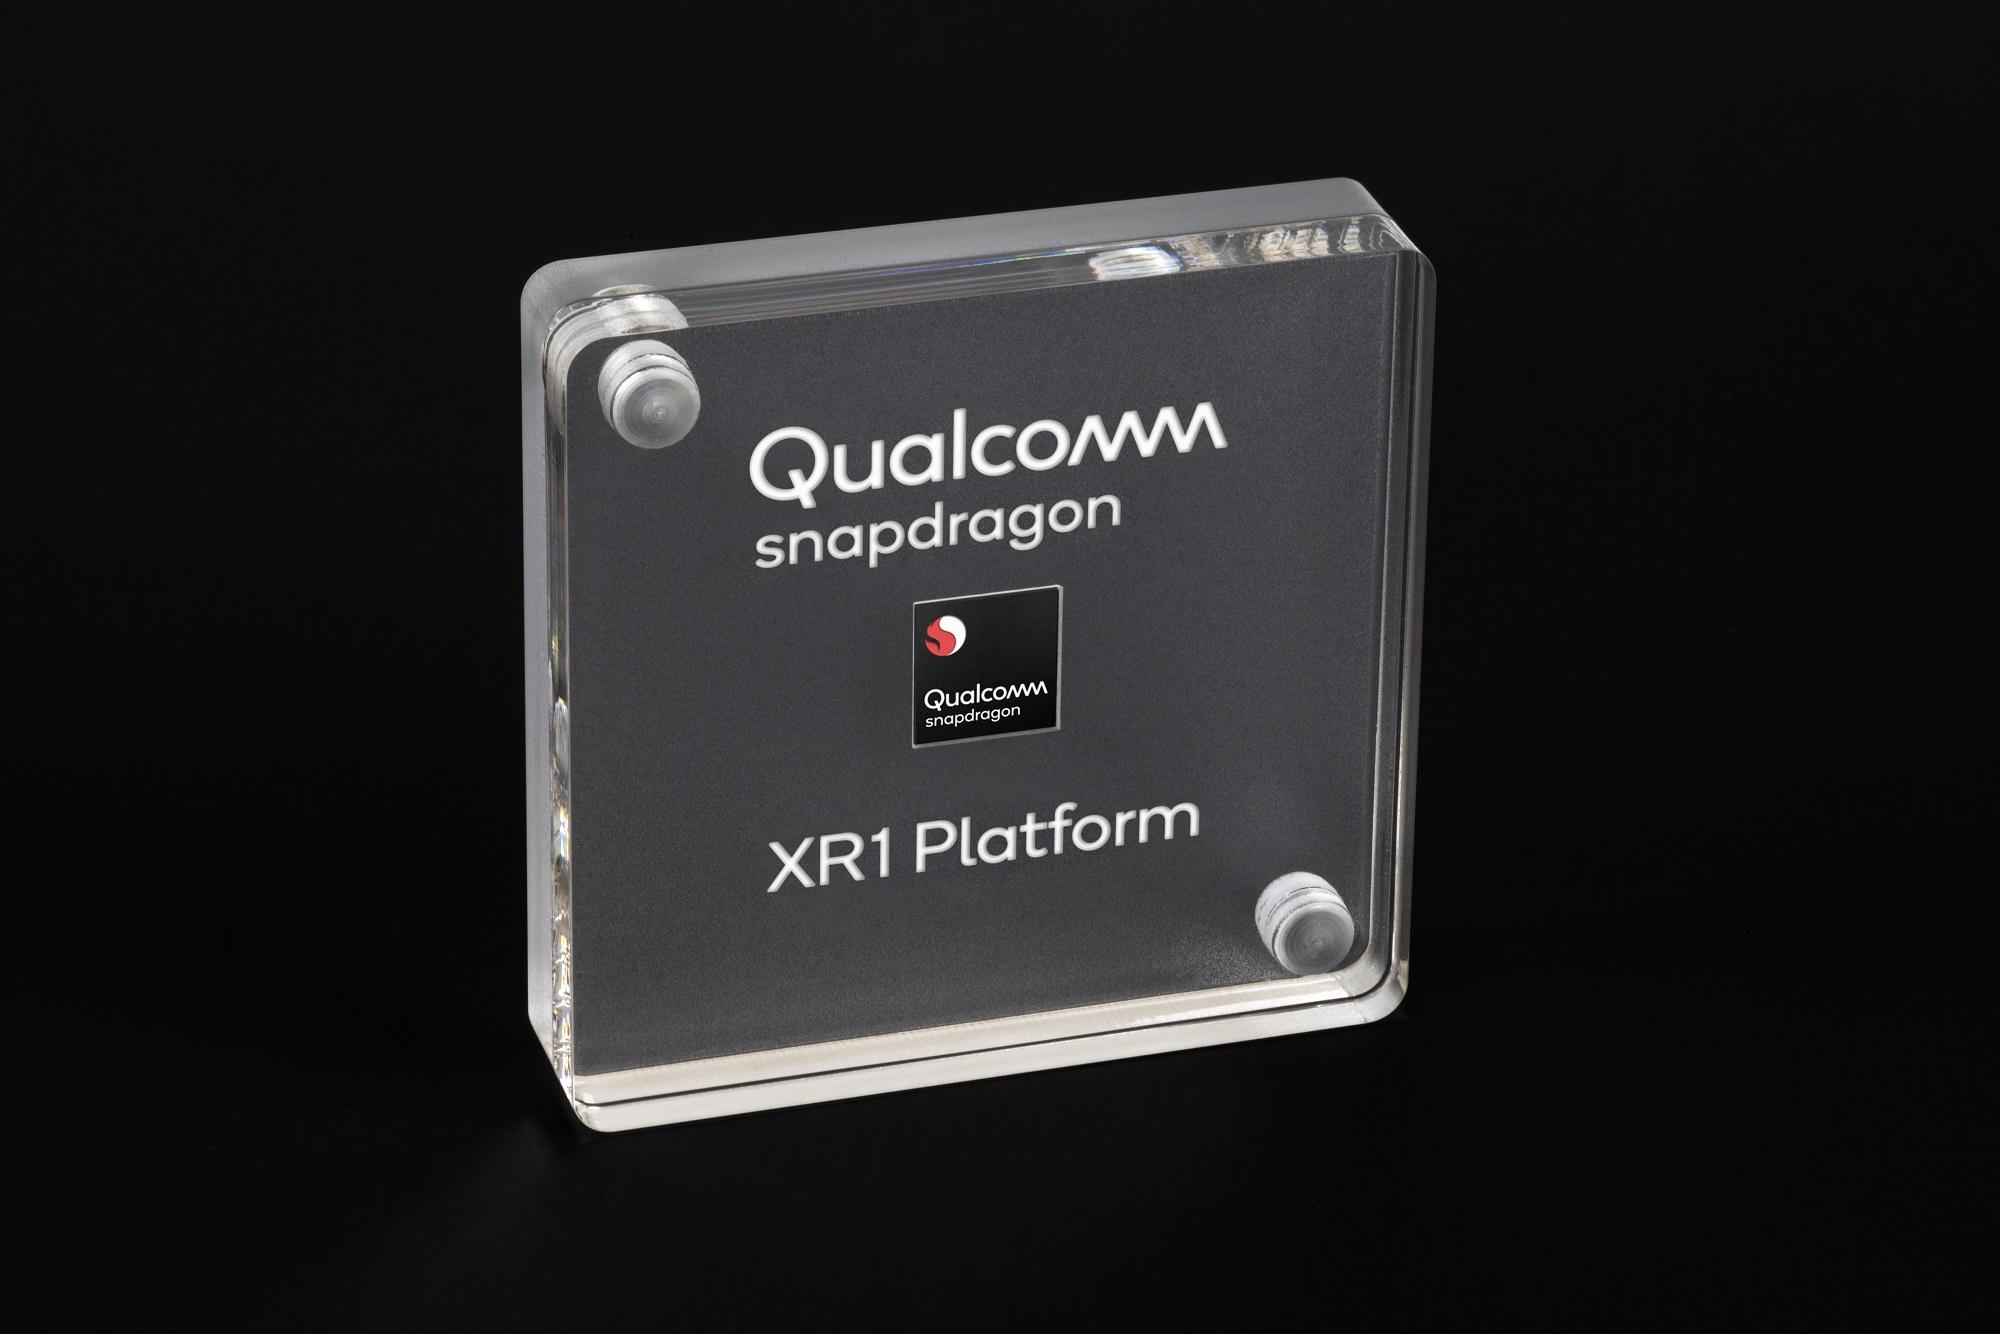 高通推出全球首款扩展现实专用平台XR1